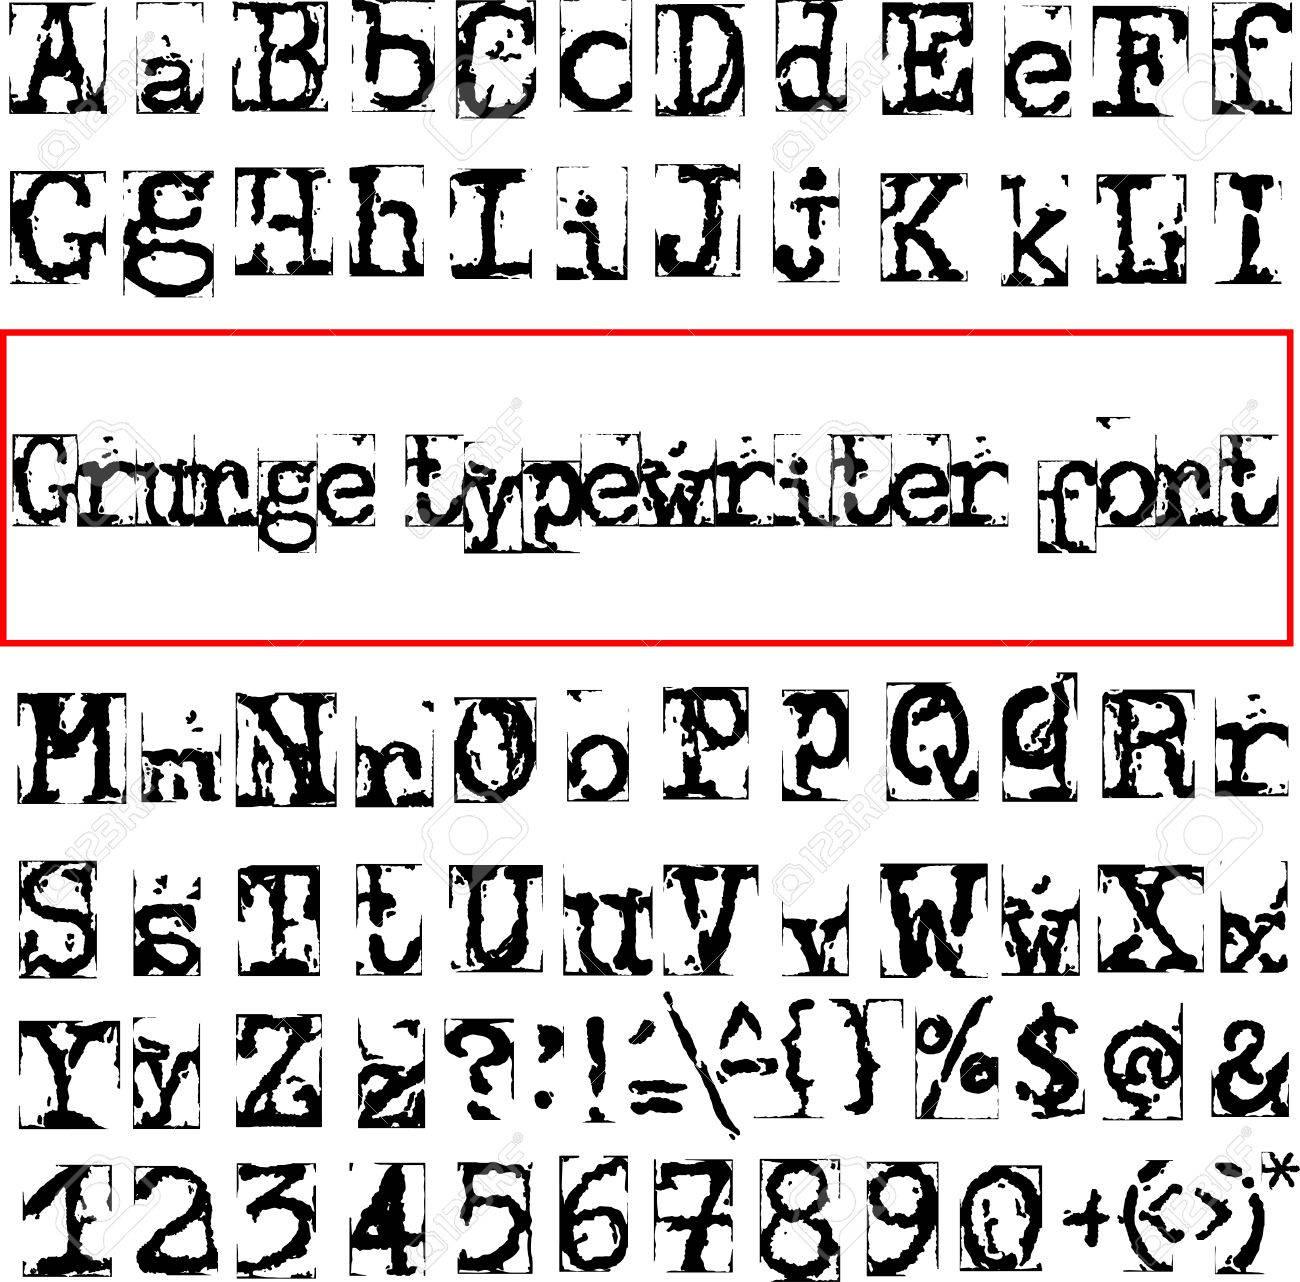 ライター フォント タイプ